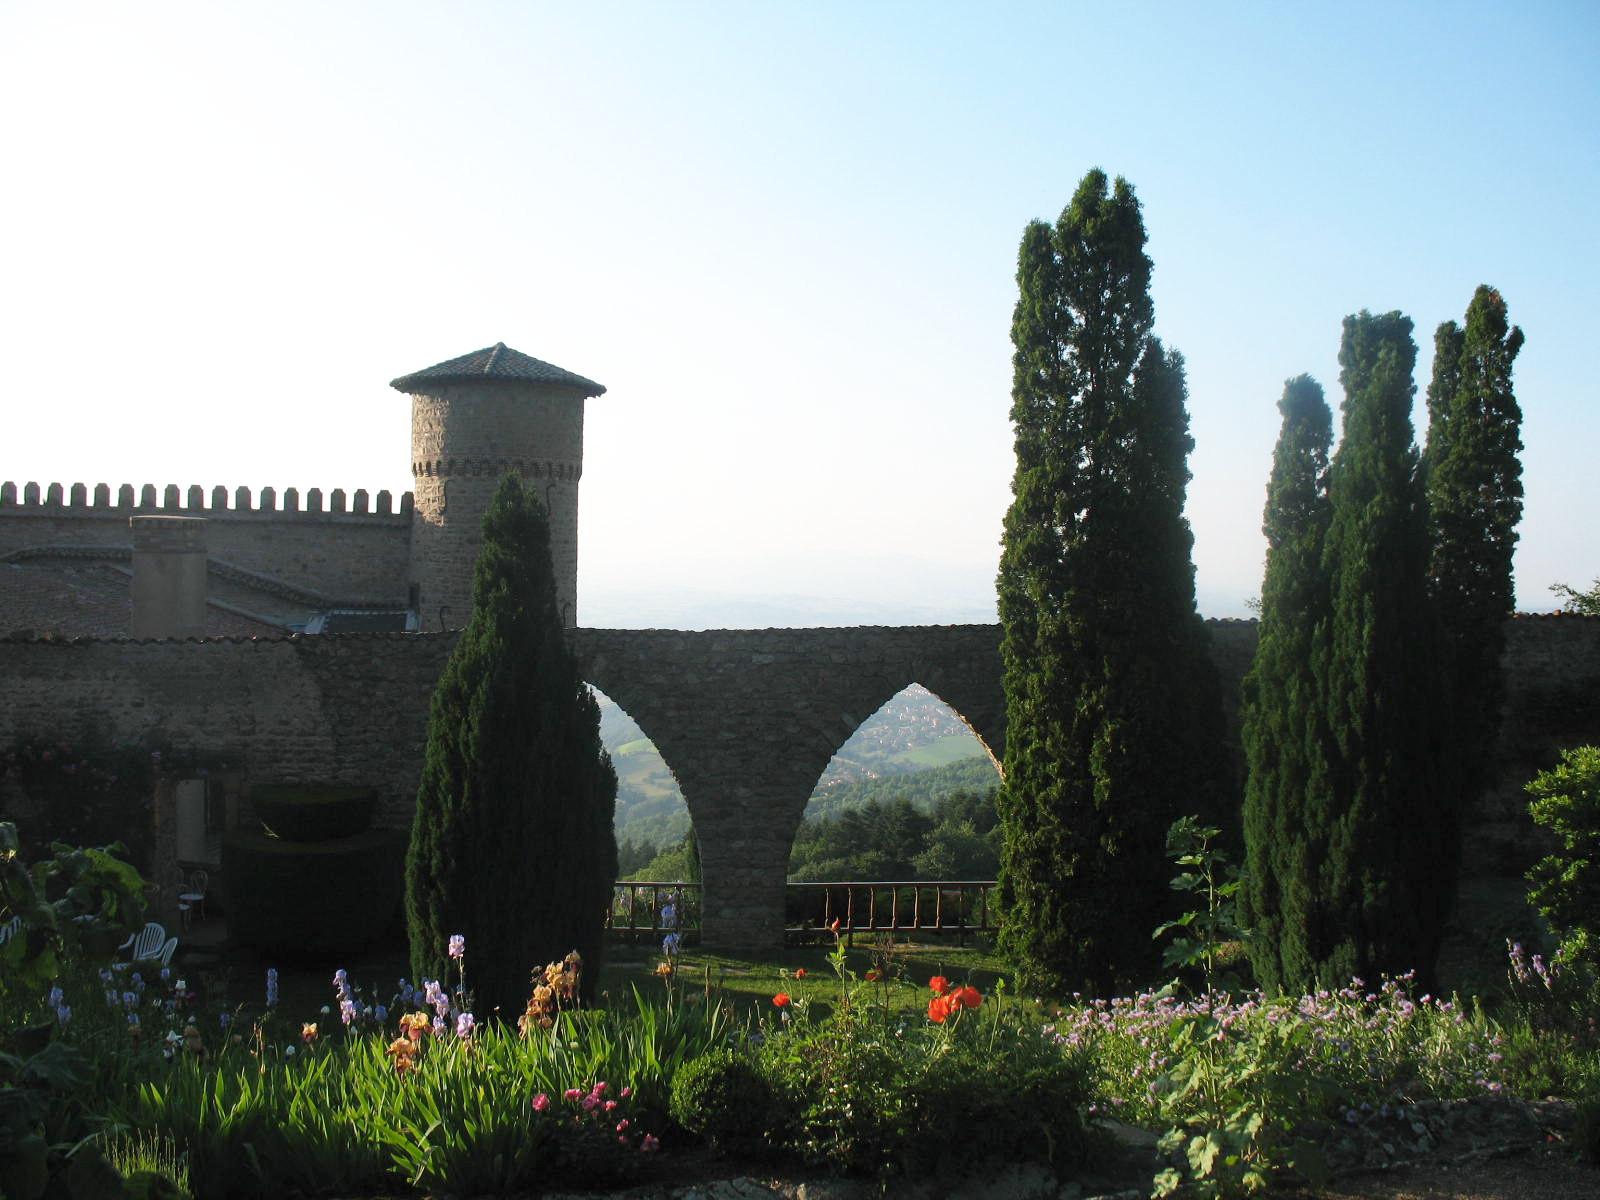 Maison unifamiliale pour l Vente à OUEST LYONNAIS - DOMAINE EXCEPTIONNEL VAUGNERAY Other Rhone-Alpes, Rhone-Alpes 69290 France